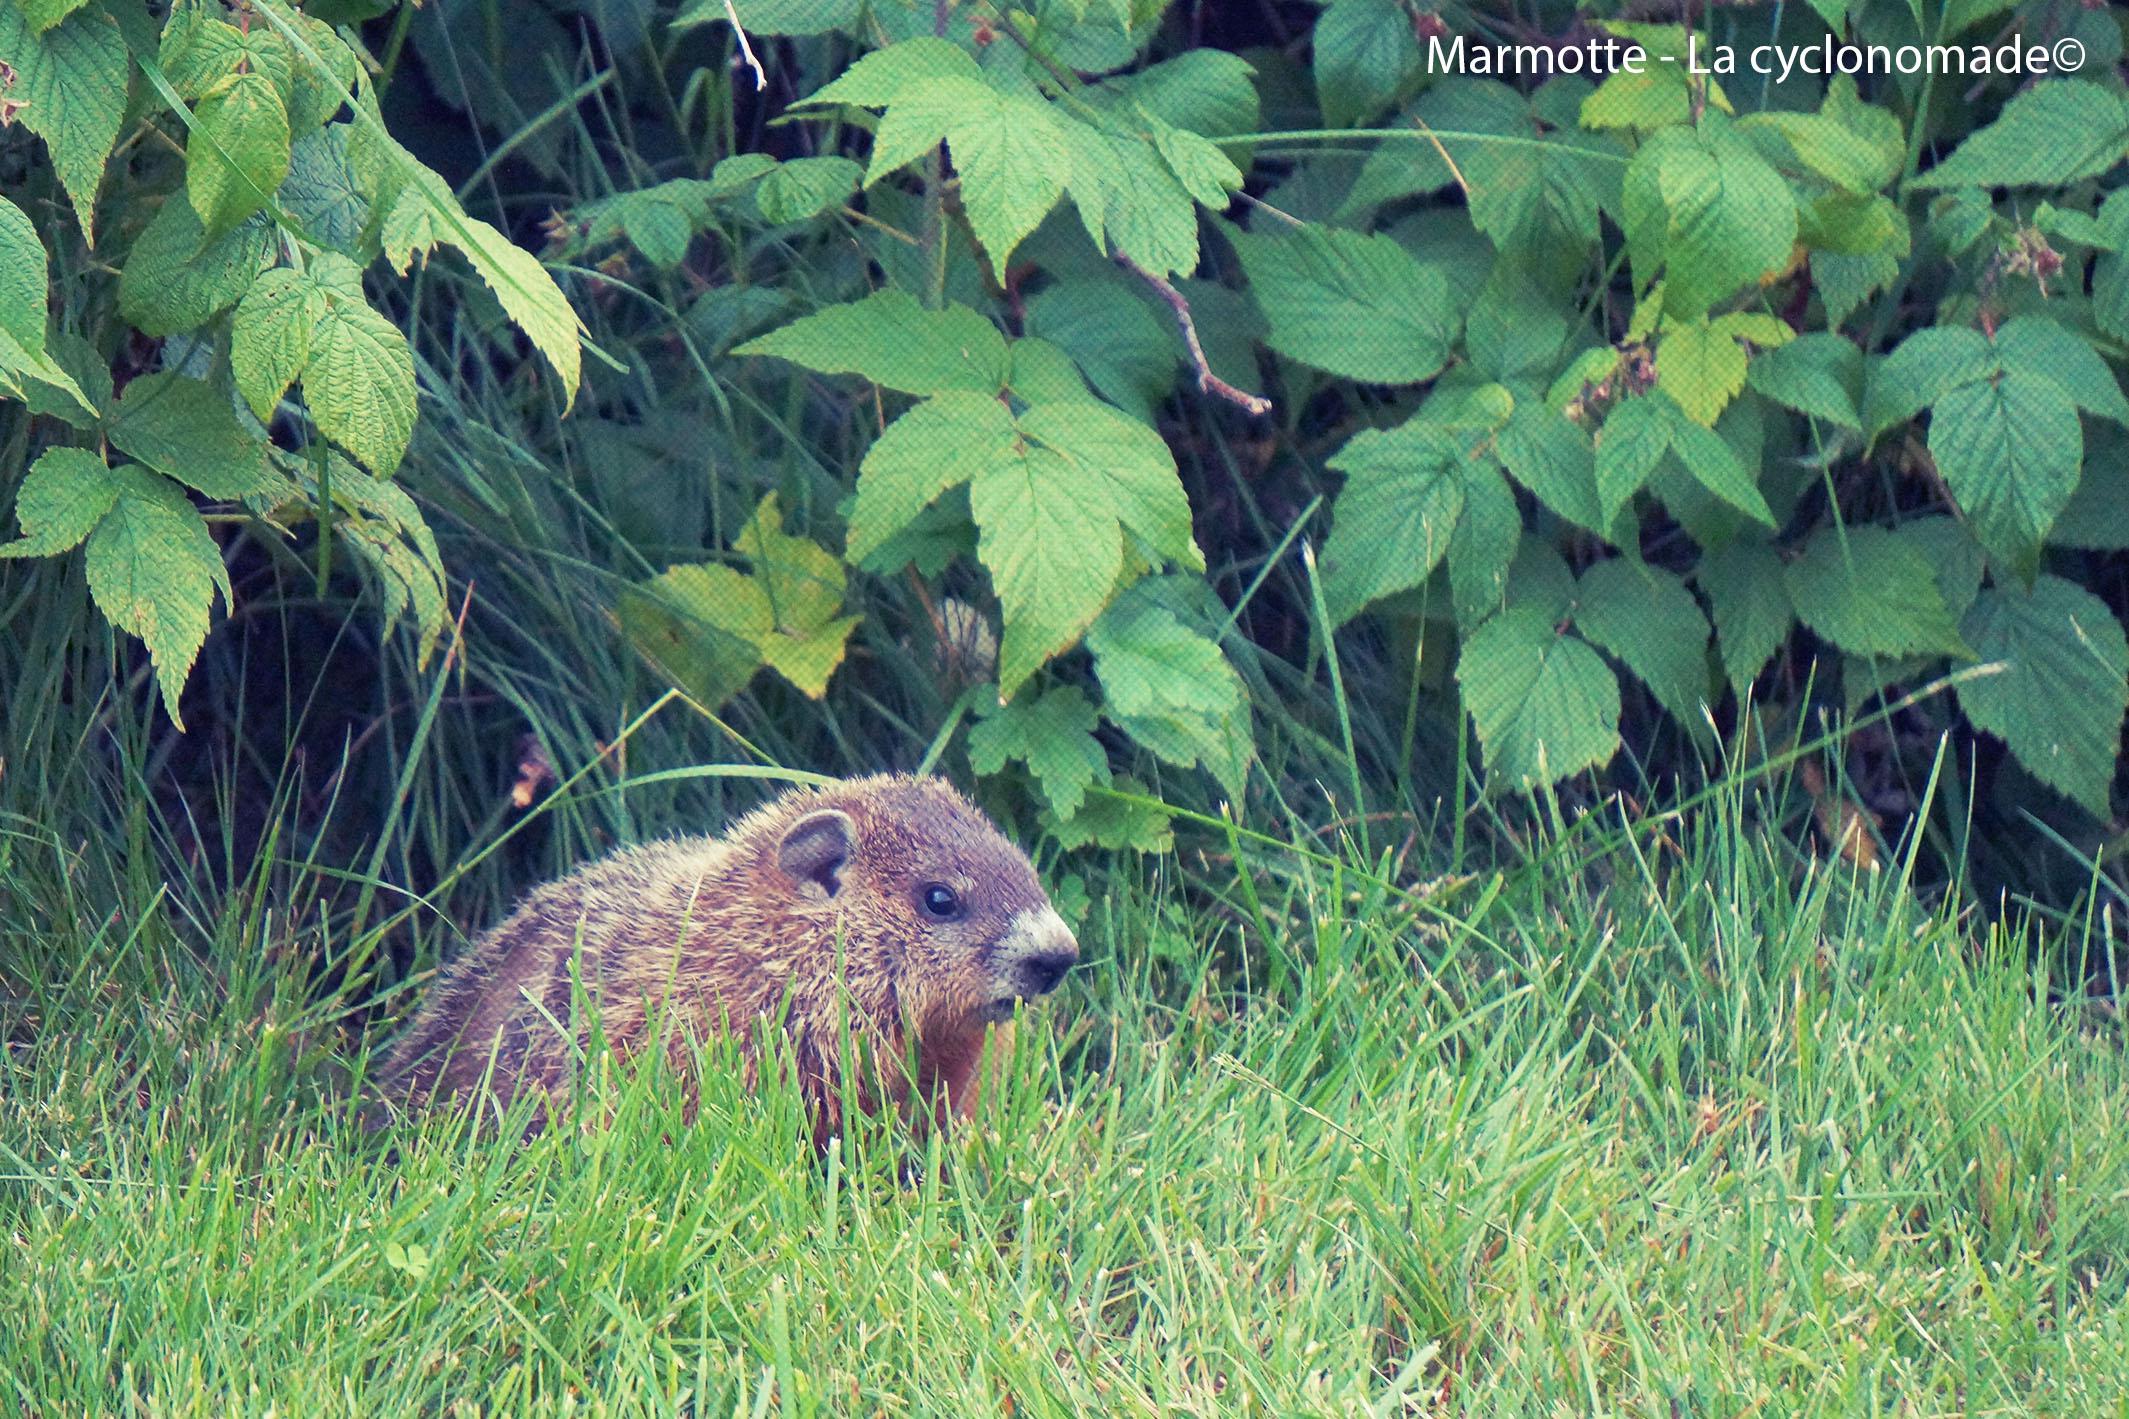 Rencontre avec une marmotte